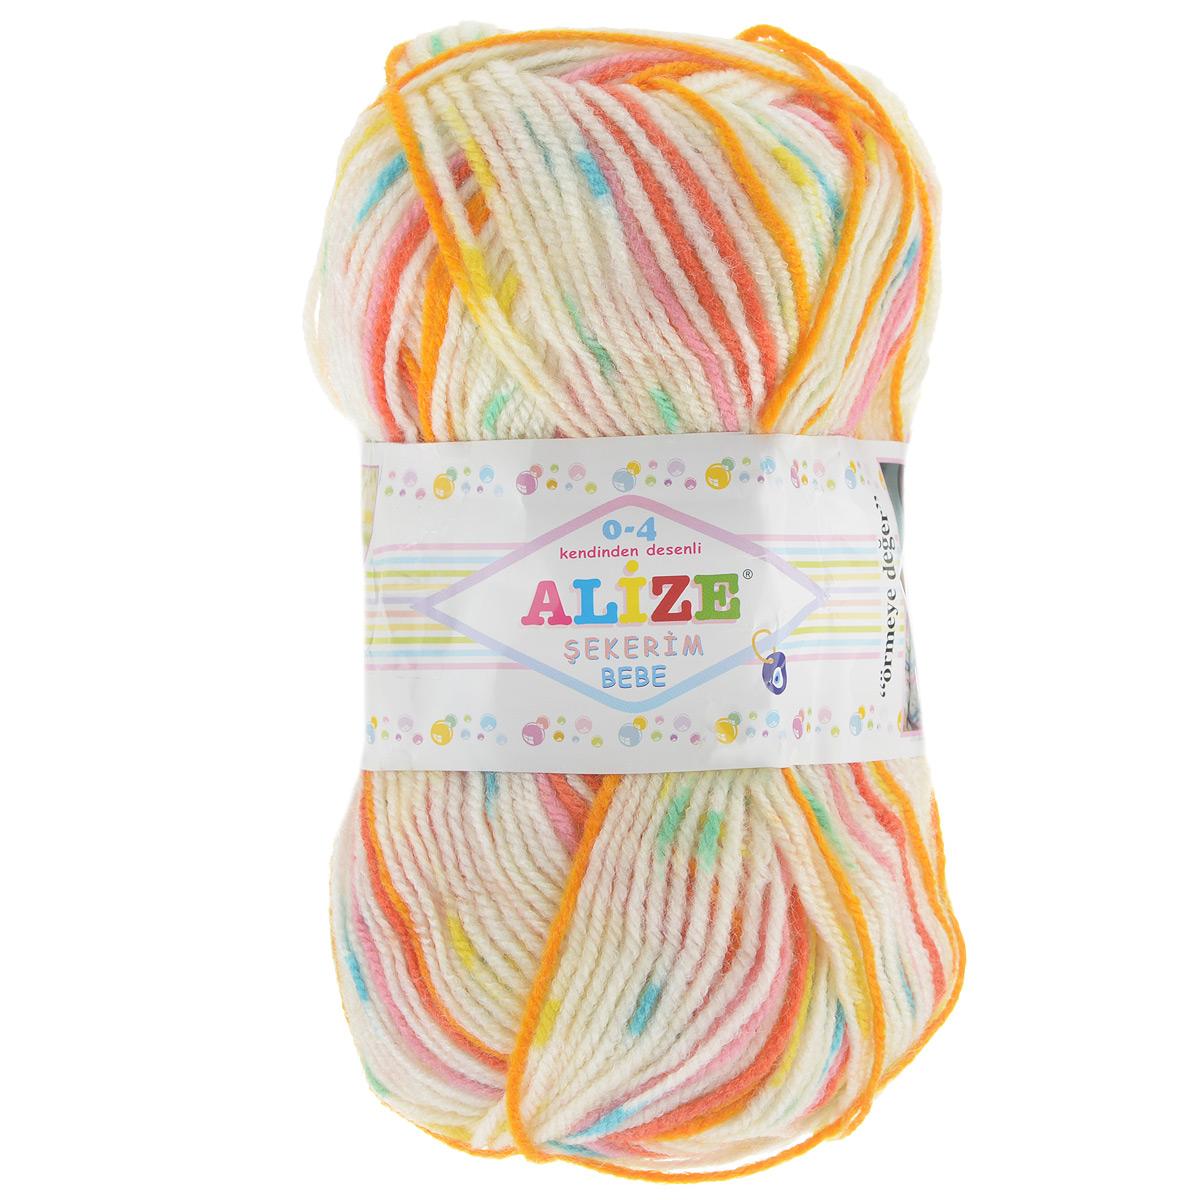 Пряжа для вязания Alize Sekerim Bebe, цвет: белый, оранжевый, красный (513), 320 м, 100 г, 5 шт364082_513Пряжа для вязания Alize Sekerim Bebe изготовлена из акрила. Фантазийная пряжа для ручного вязания отлично подойдет для детских вещей. Ниточка мягкая и приятная на ощупь. Подходит для вязания спицами и крючком. Рекомендованные спицы 3-4 мм и крючок для вязания 2-4 мм. Состав: 100% акрил.